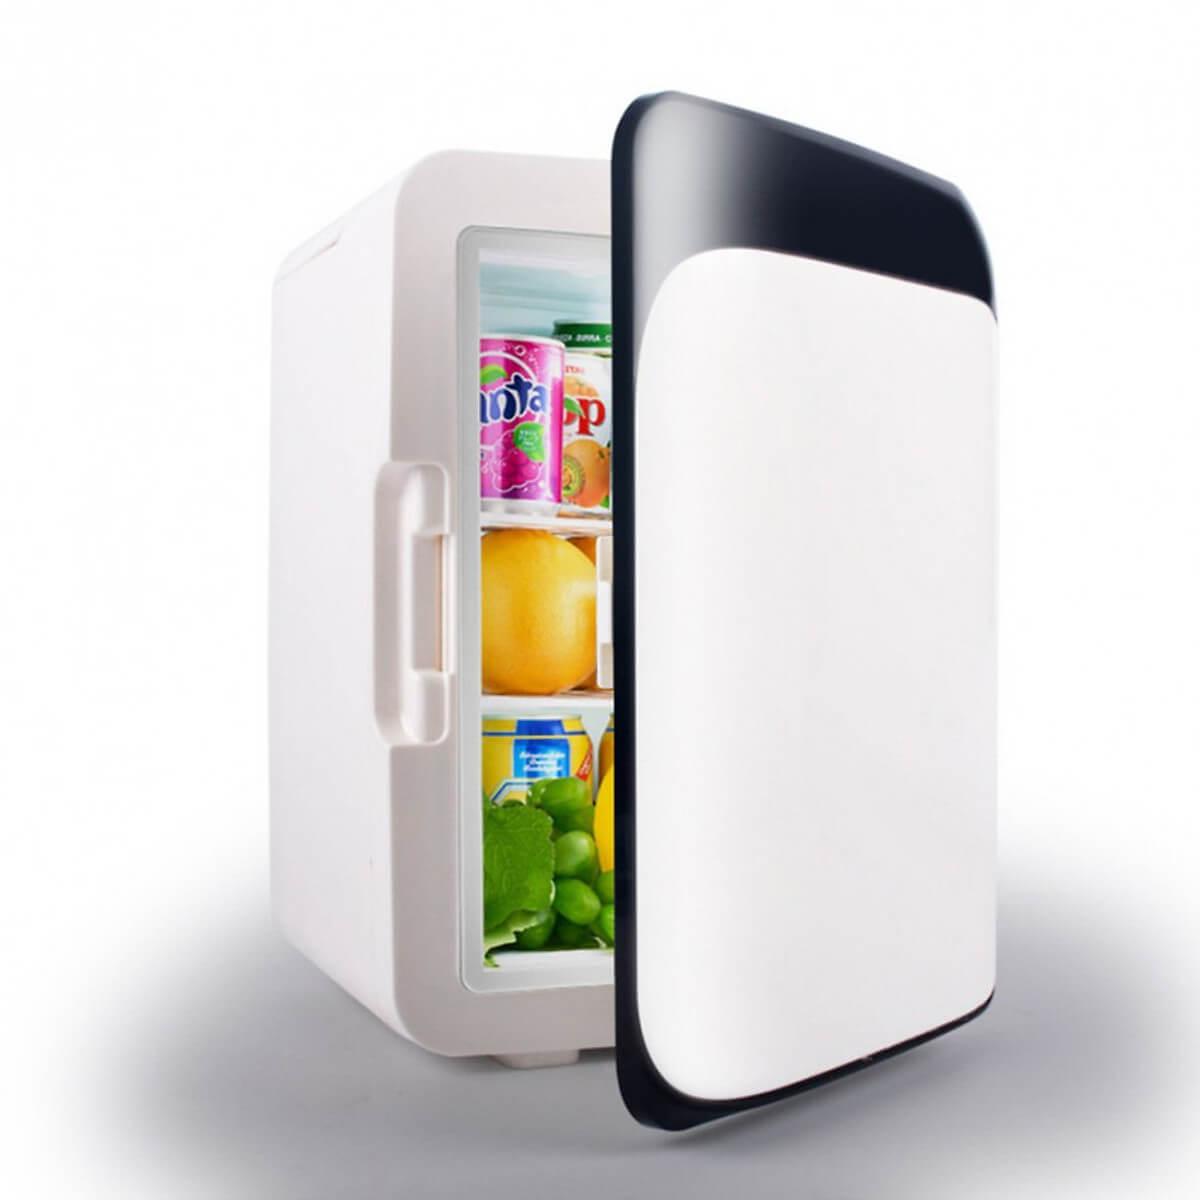 Hè đến chị em sắm tủ lạnh mini đựng mỹ phẩm cho đảm bảo, giá chỉ vài trăm không đắt tẹo nào - Ảnh 5.